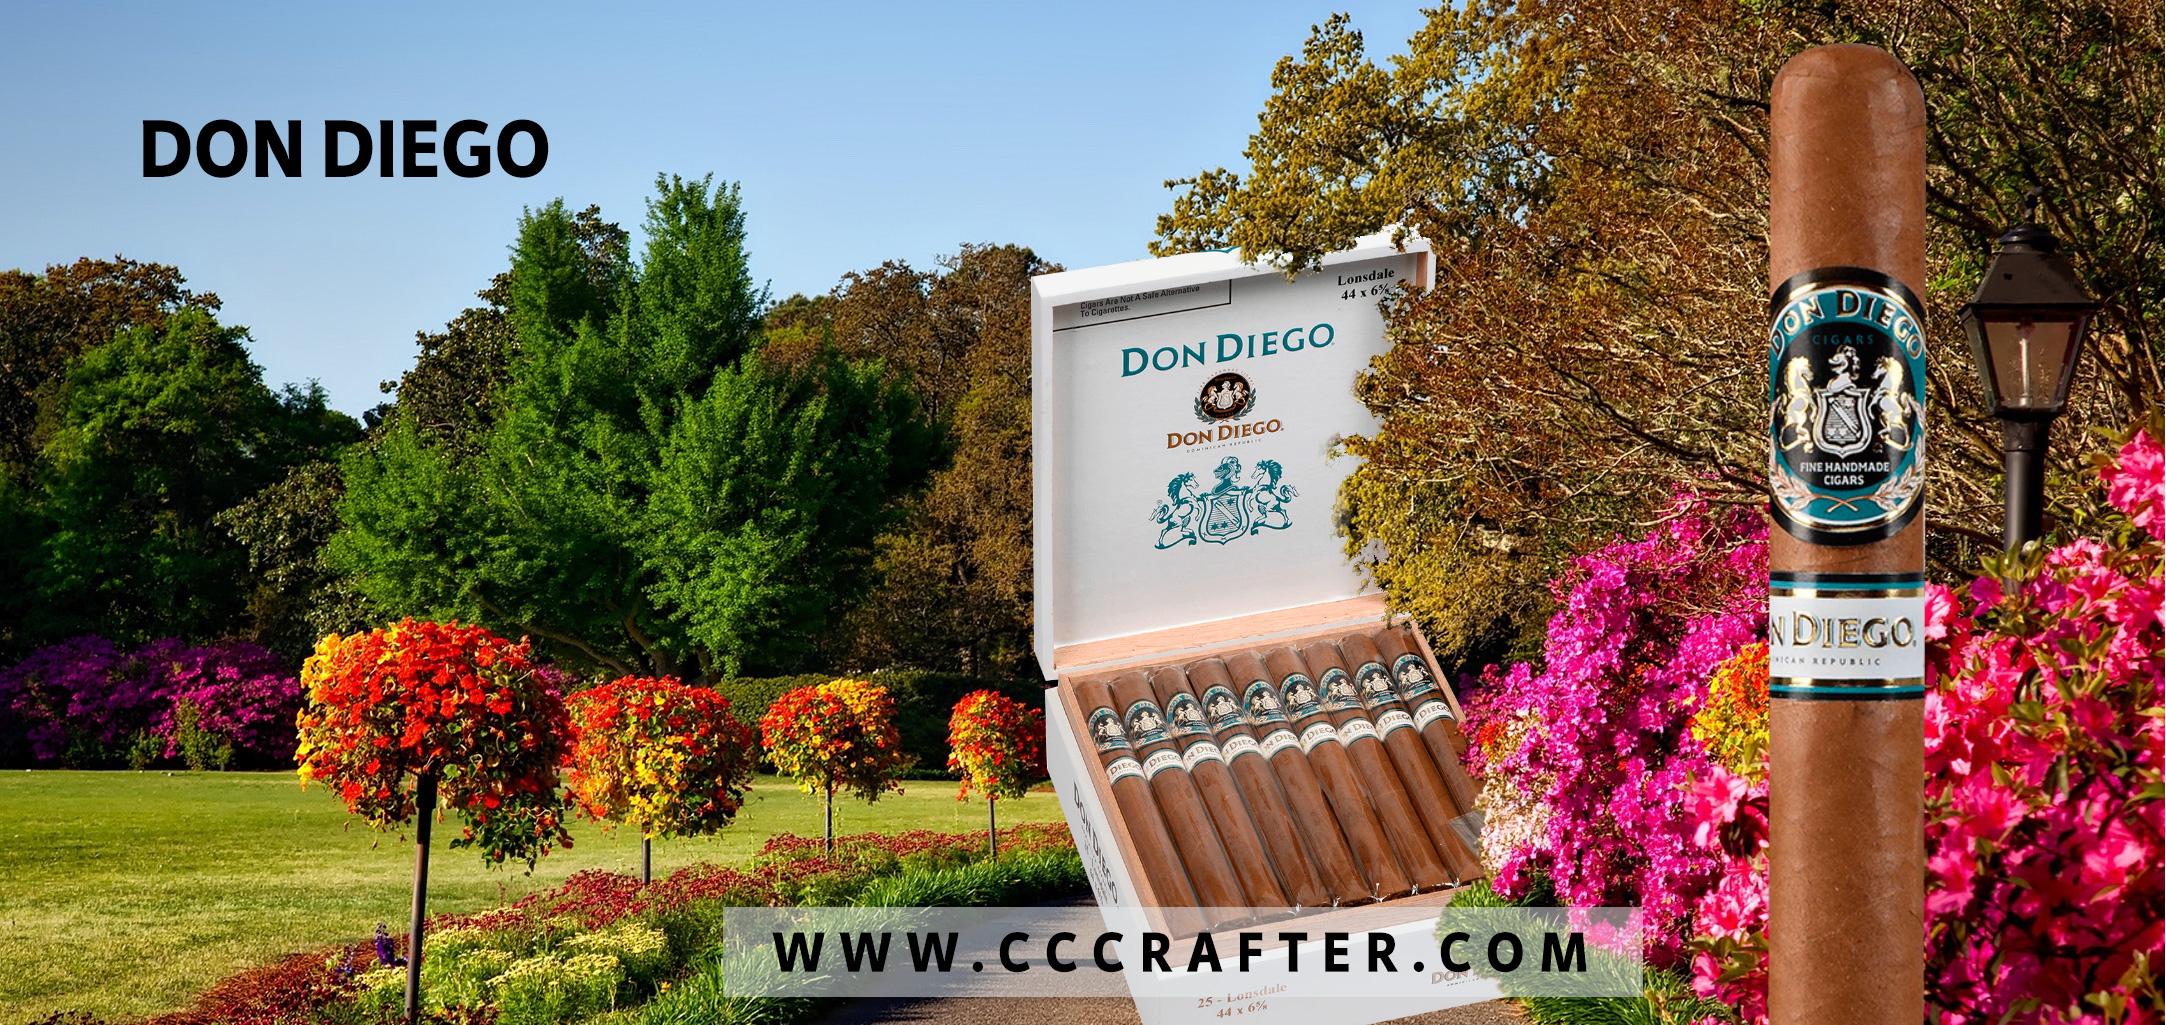 don-diego-banner.jpg